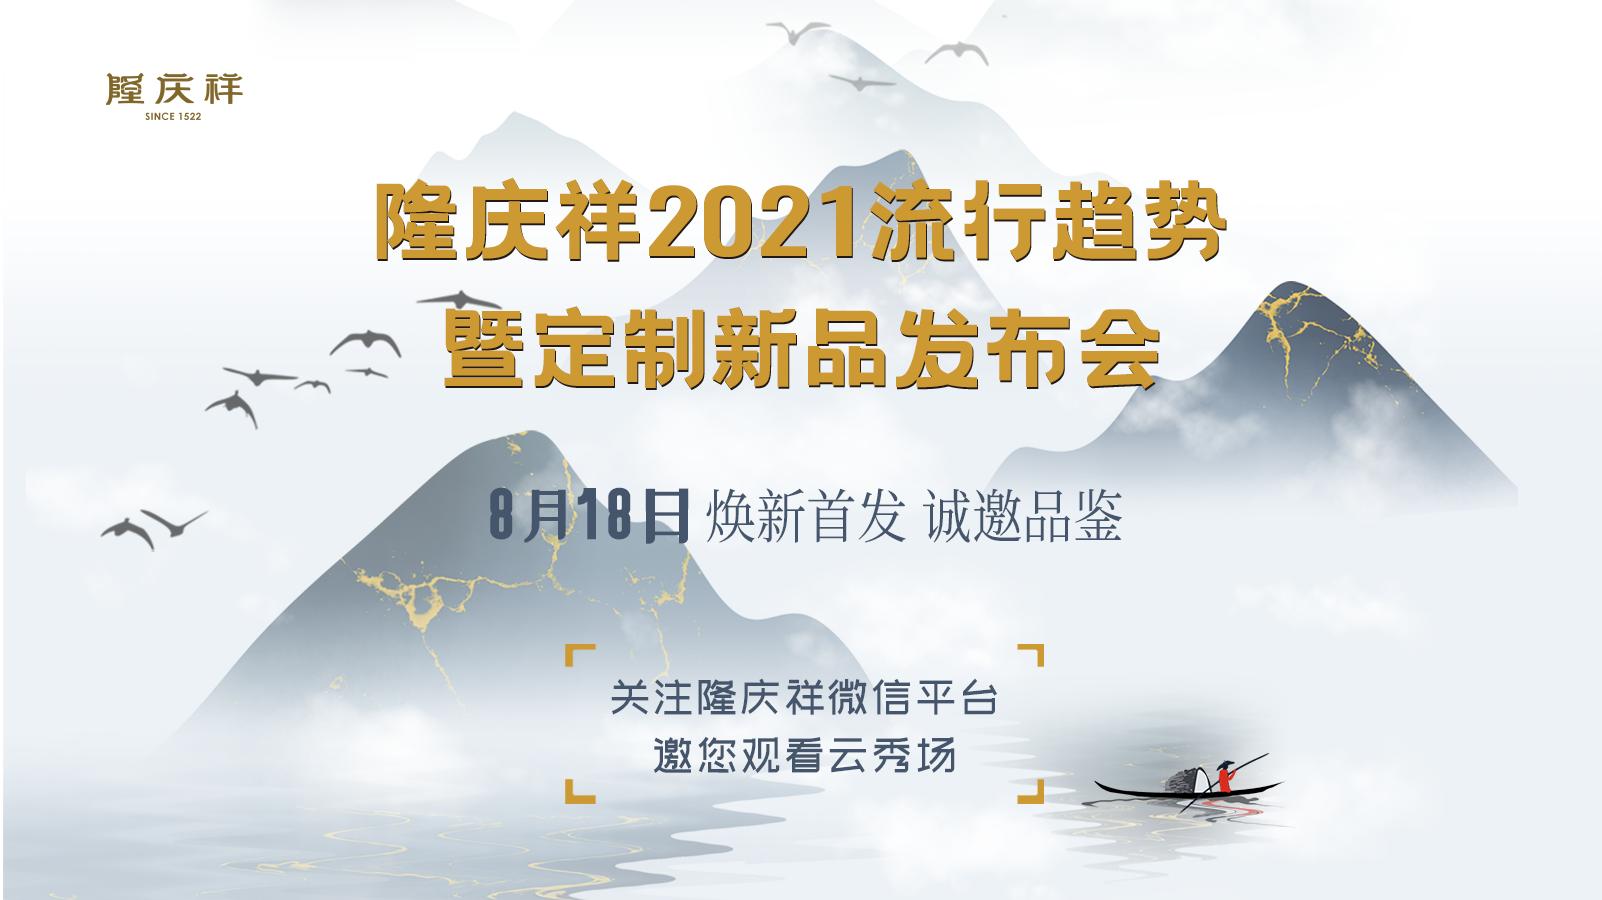 隆庆祥2021流行趋势暨定制新品发布即将亮相